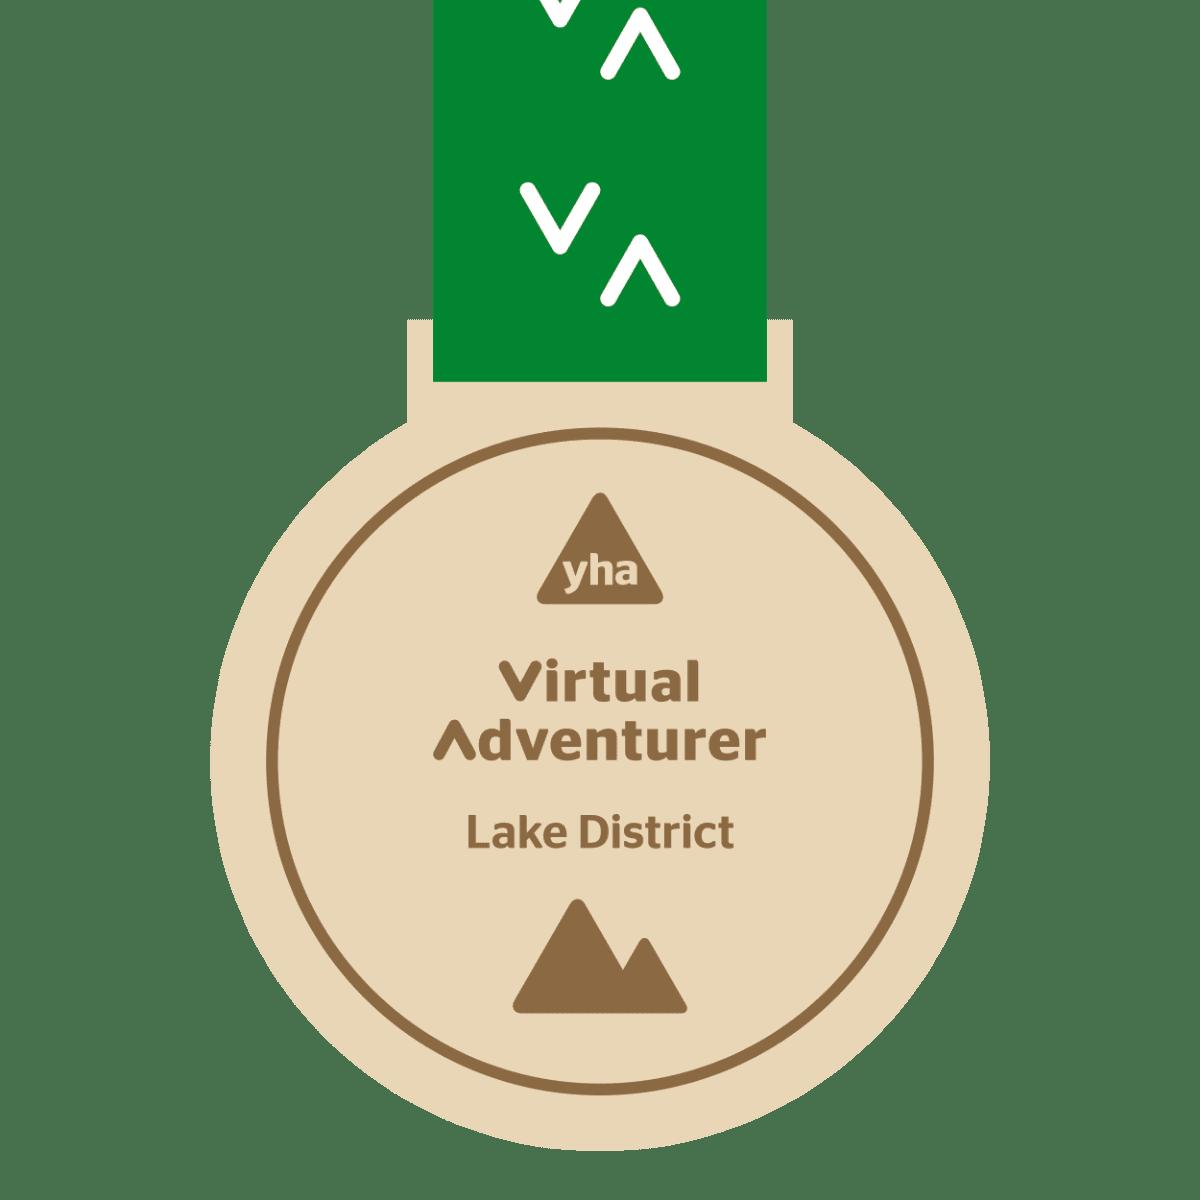 YHA Virtual Adventurer: Lake District medal